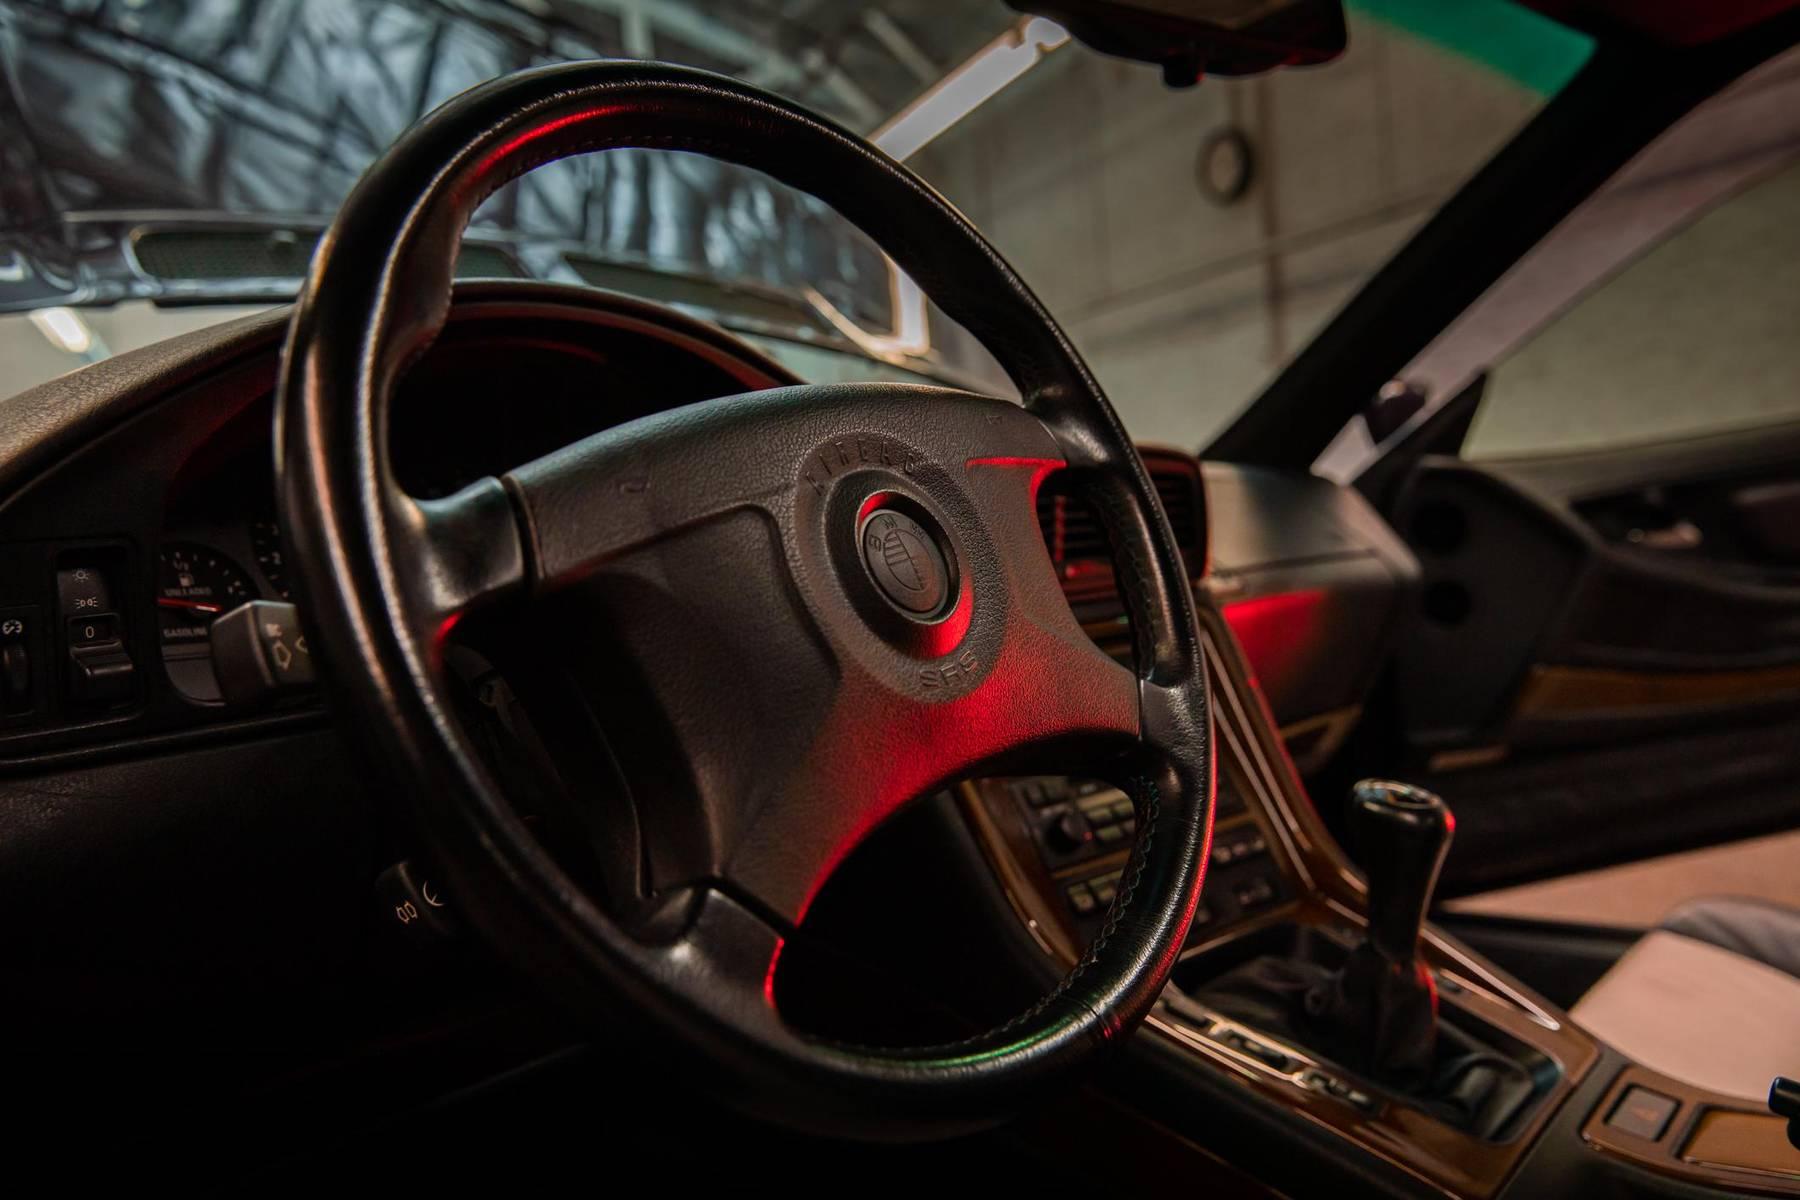 1995 BMW 850CSi steering wheel